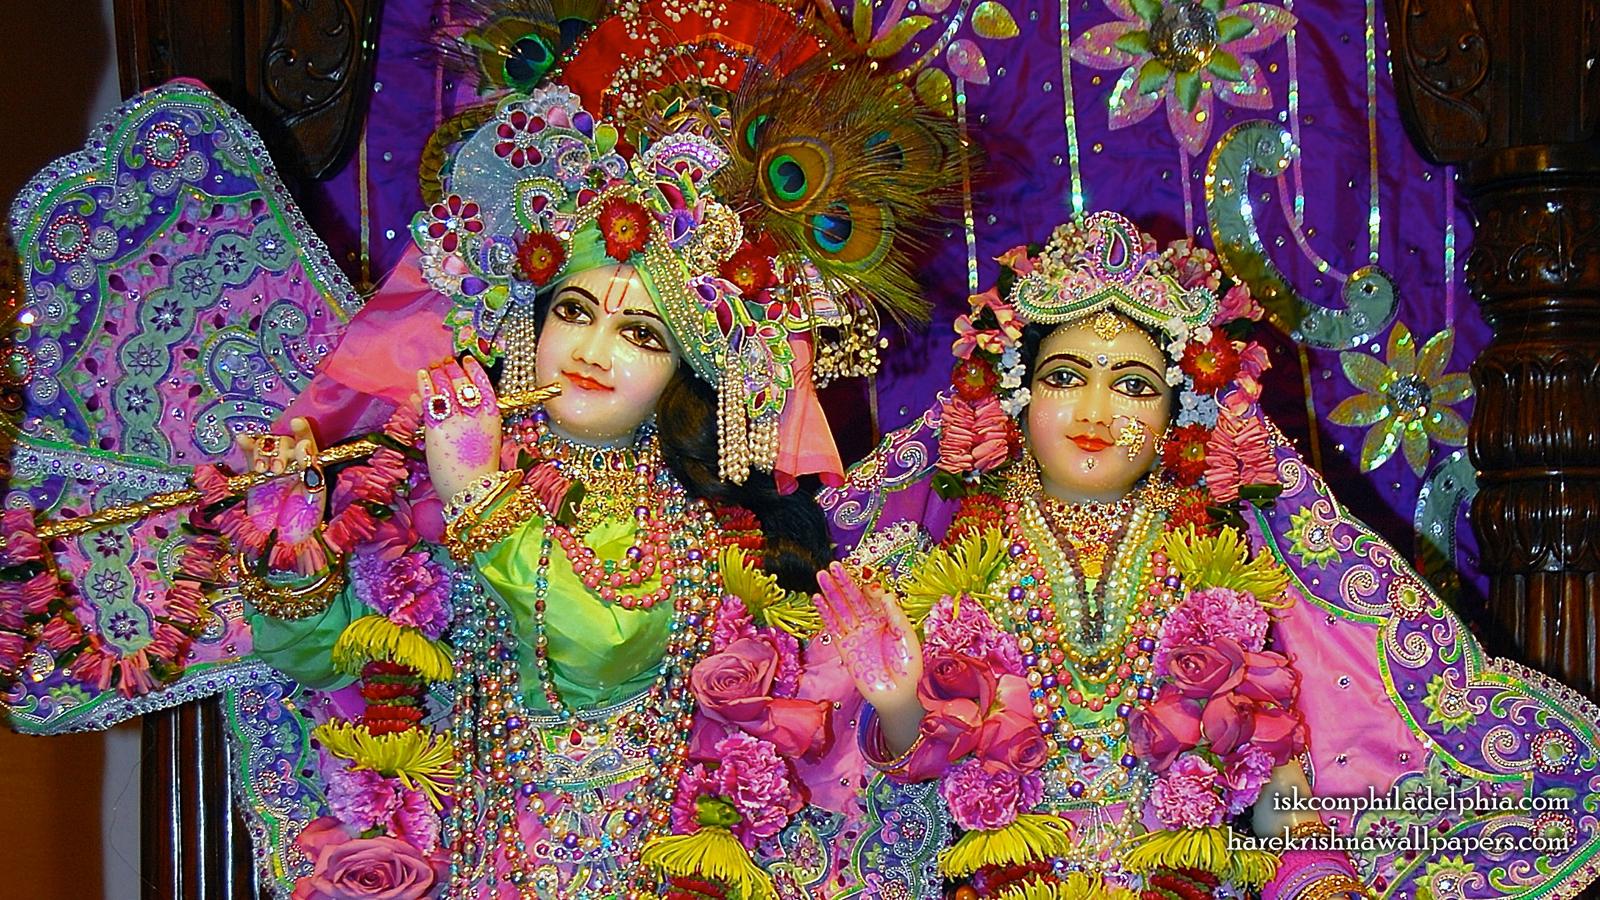 Sri Sri Radha Krishna Close up Wallpaper (011) Size 1600x900 Download